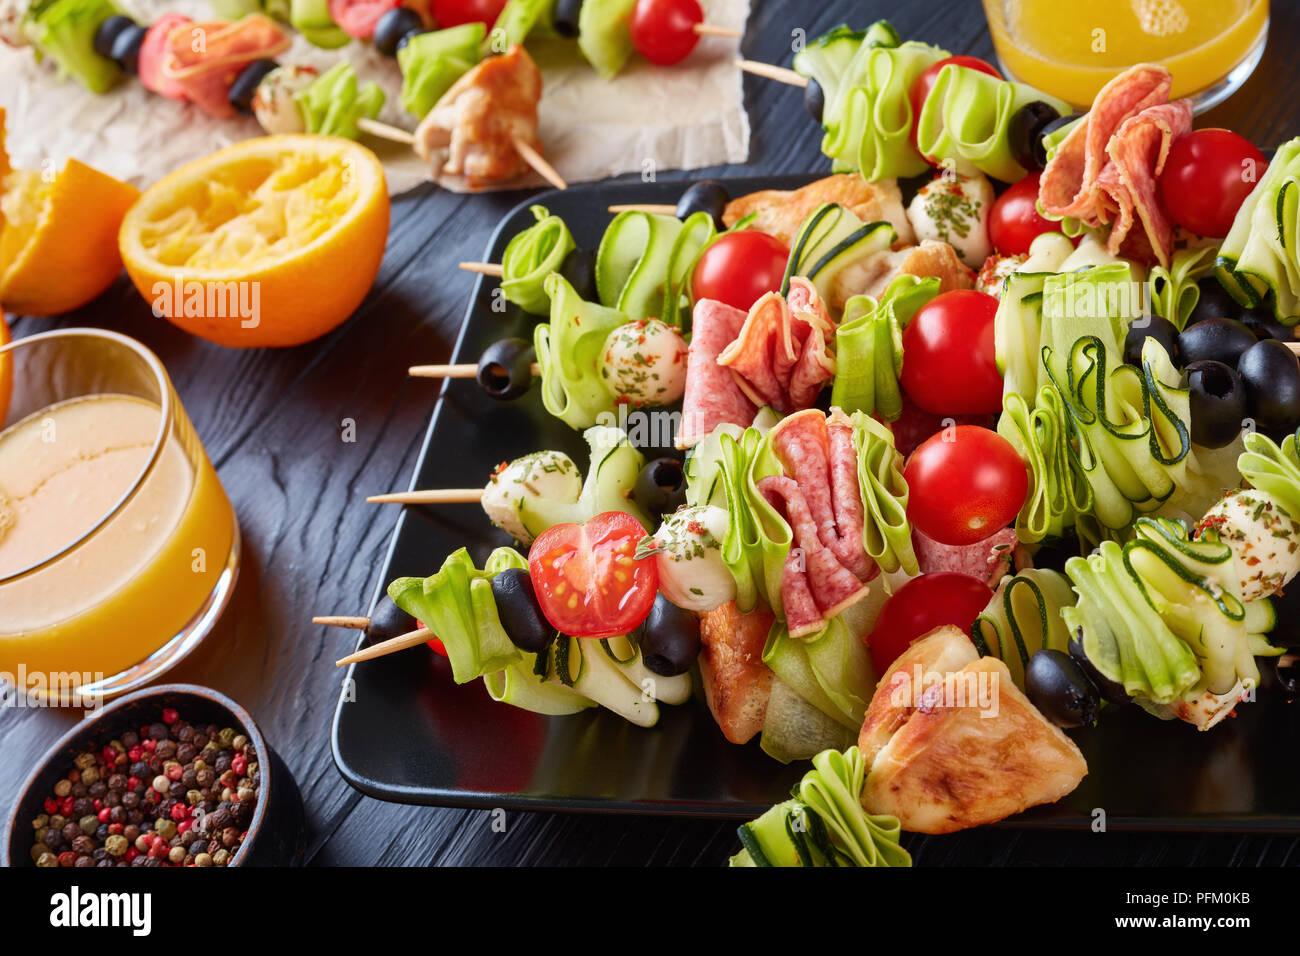 Avec des brochettes de viande de poulet, courgettes, tomates, mozzarella tranches de salami, boules, des olives sur une plaque noire sur une table en bois avec du jus d'orange dans le verre c Photo Stock